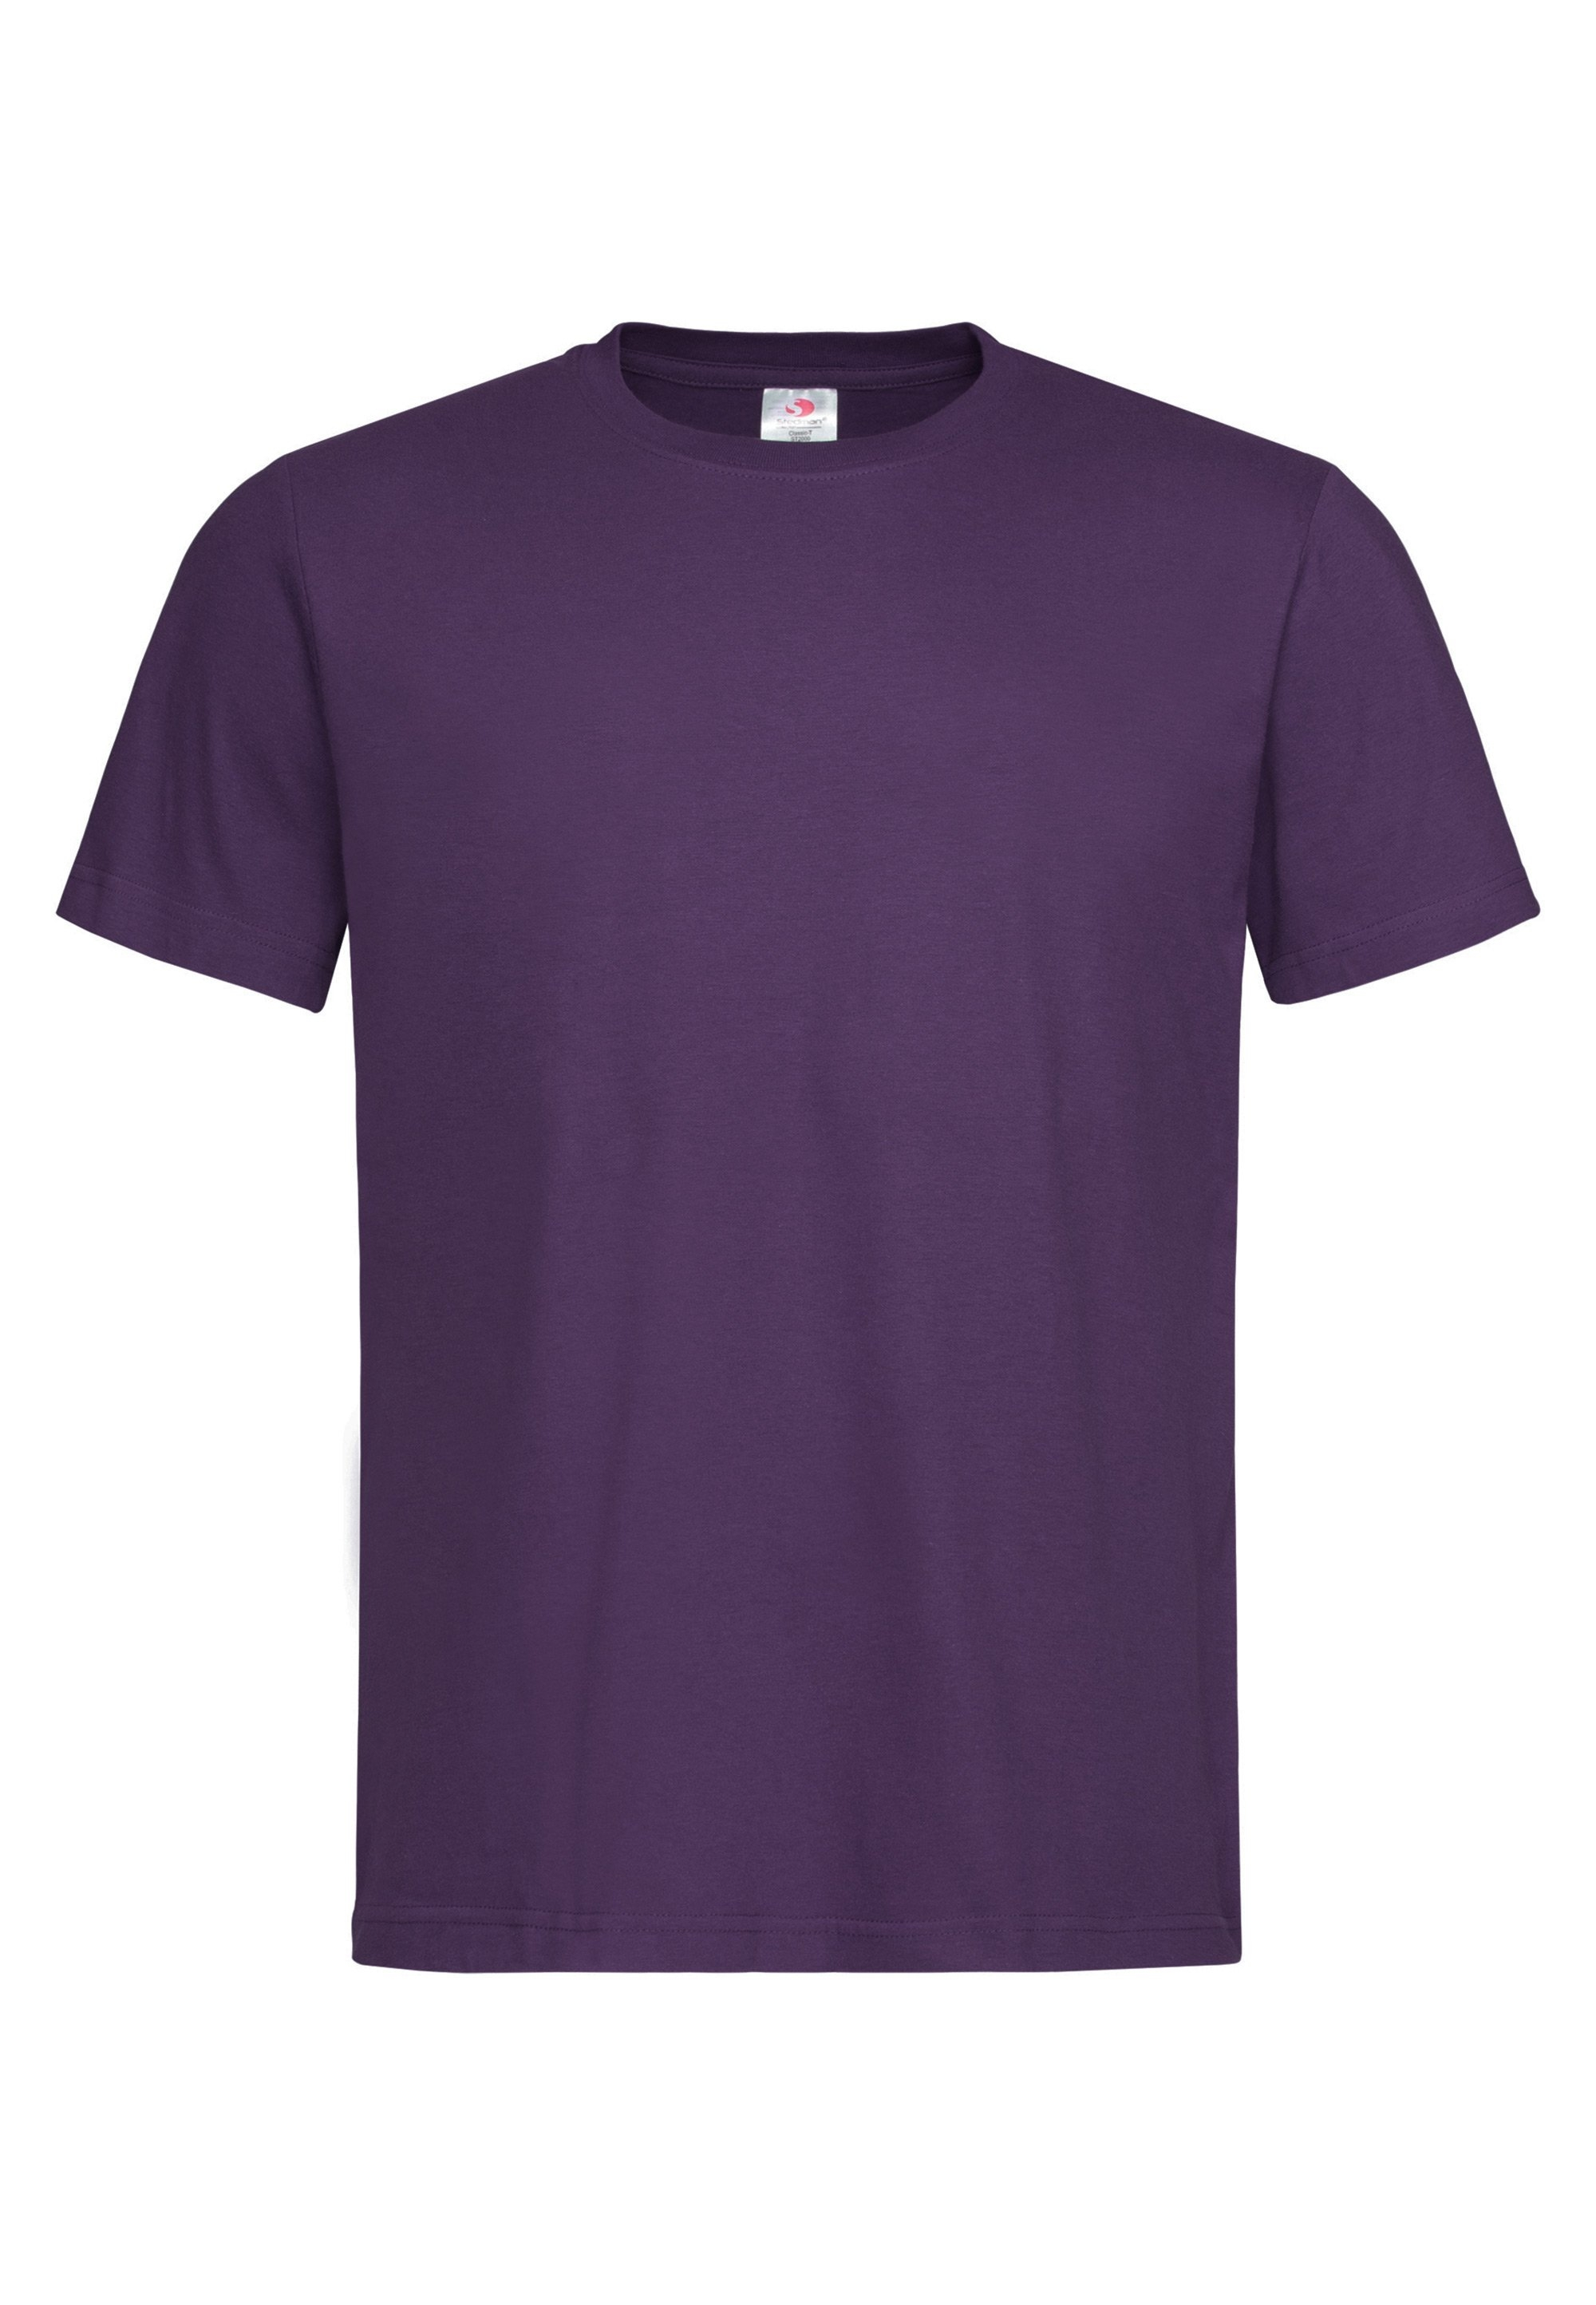 Op zoek naar een Stedman T-Shirts (kurzarm)? Koop online bij OTTO